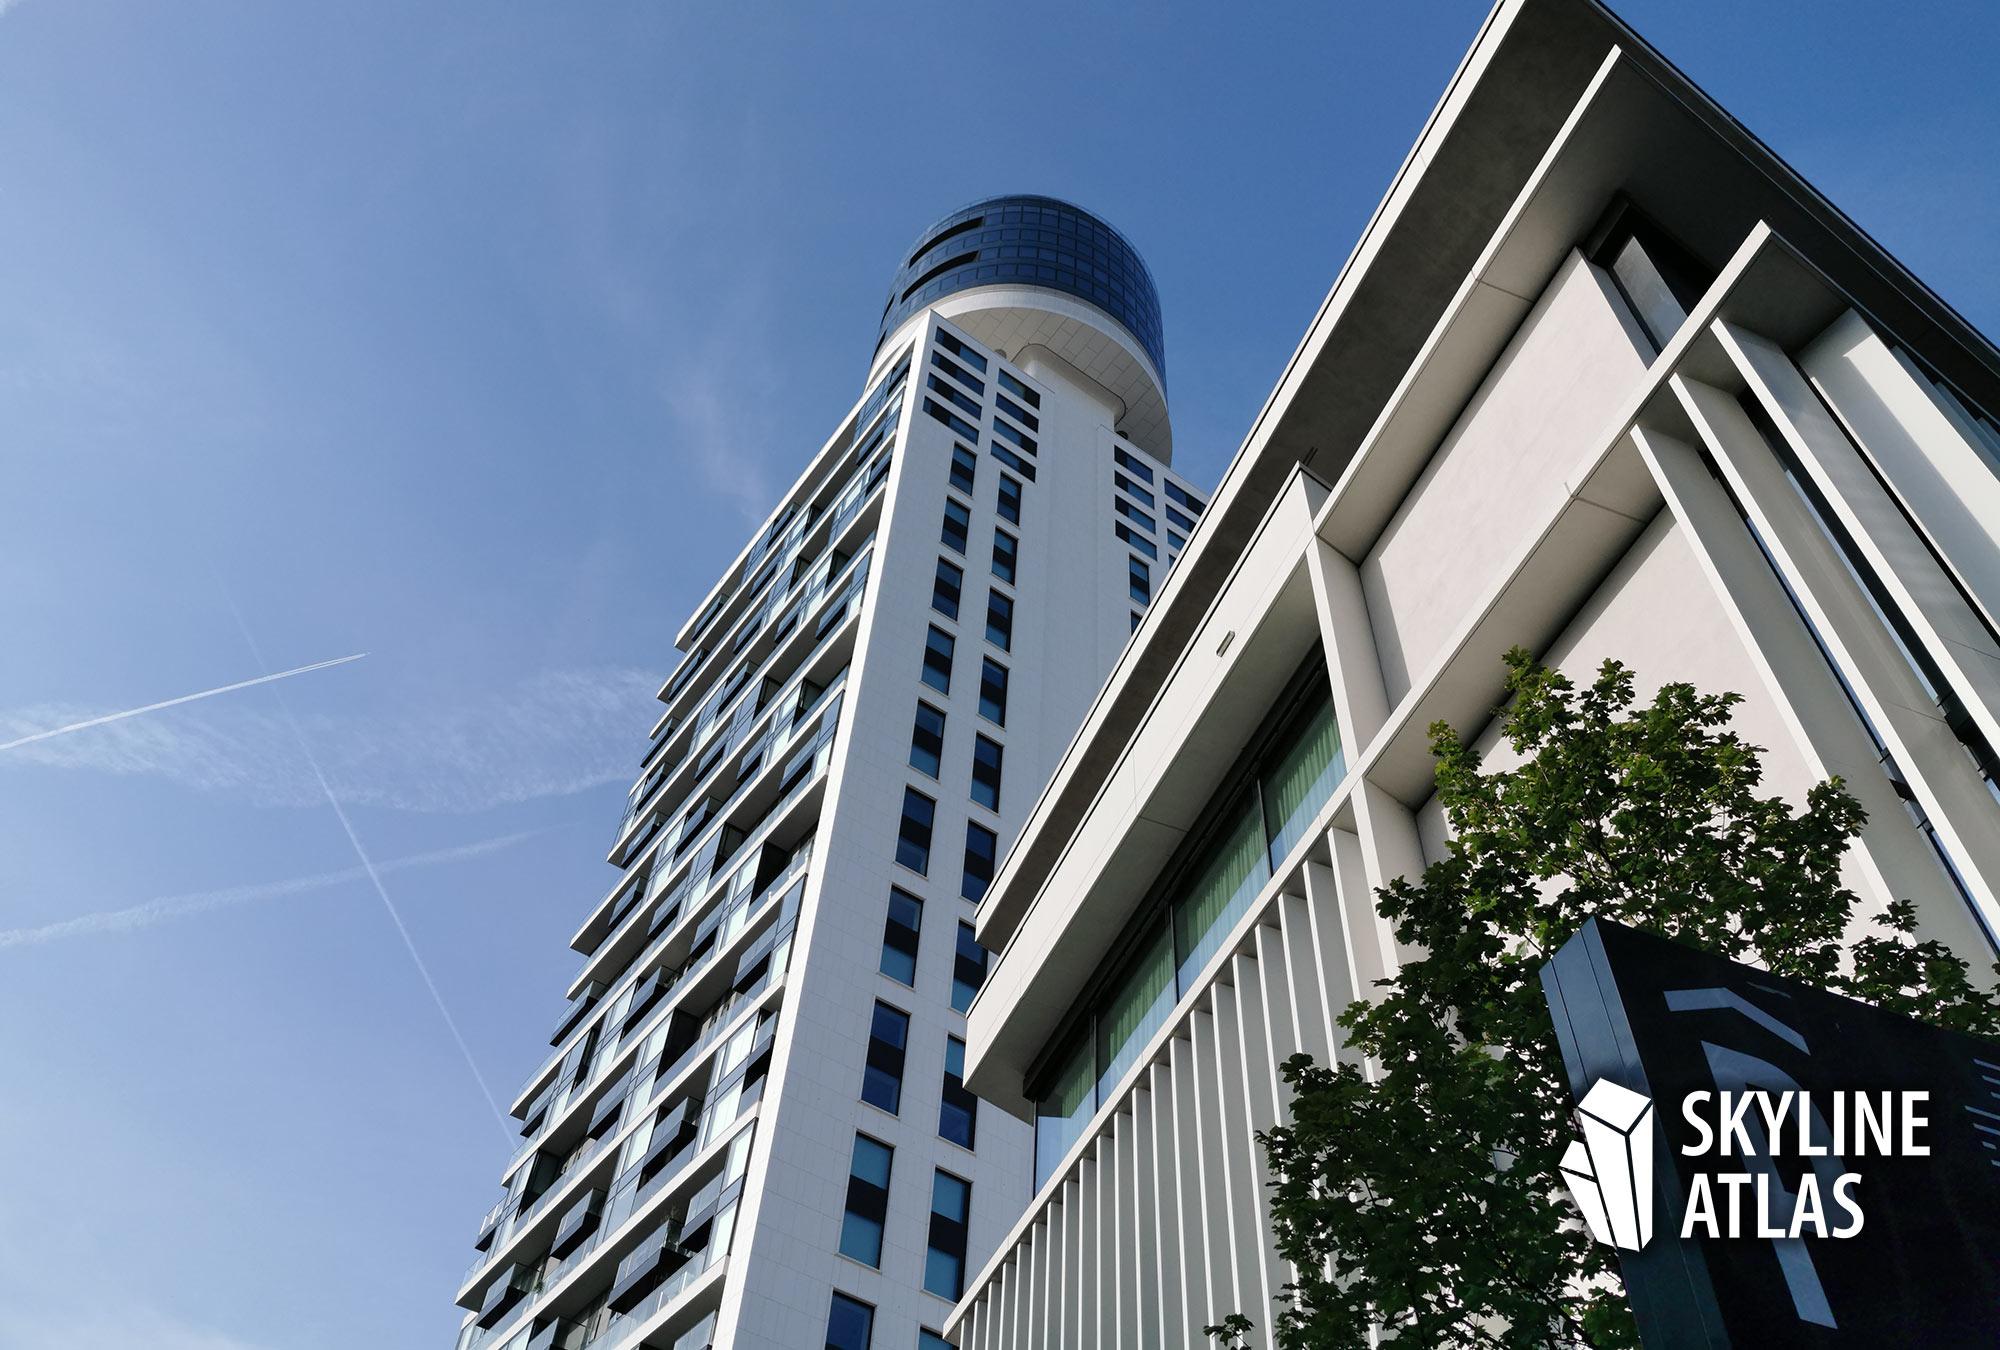 Hoch hinaus: Im Henninger Turm kann man mit dem nötigen Kleingeld eine Wohnung kaufen - im Umfeld entstehen mit den Stadtgärten weitere Neubauwohnungen